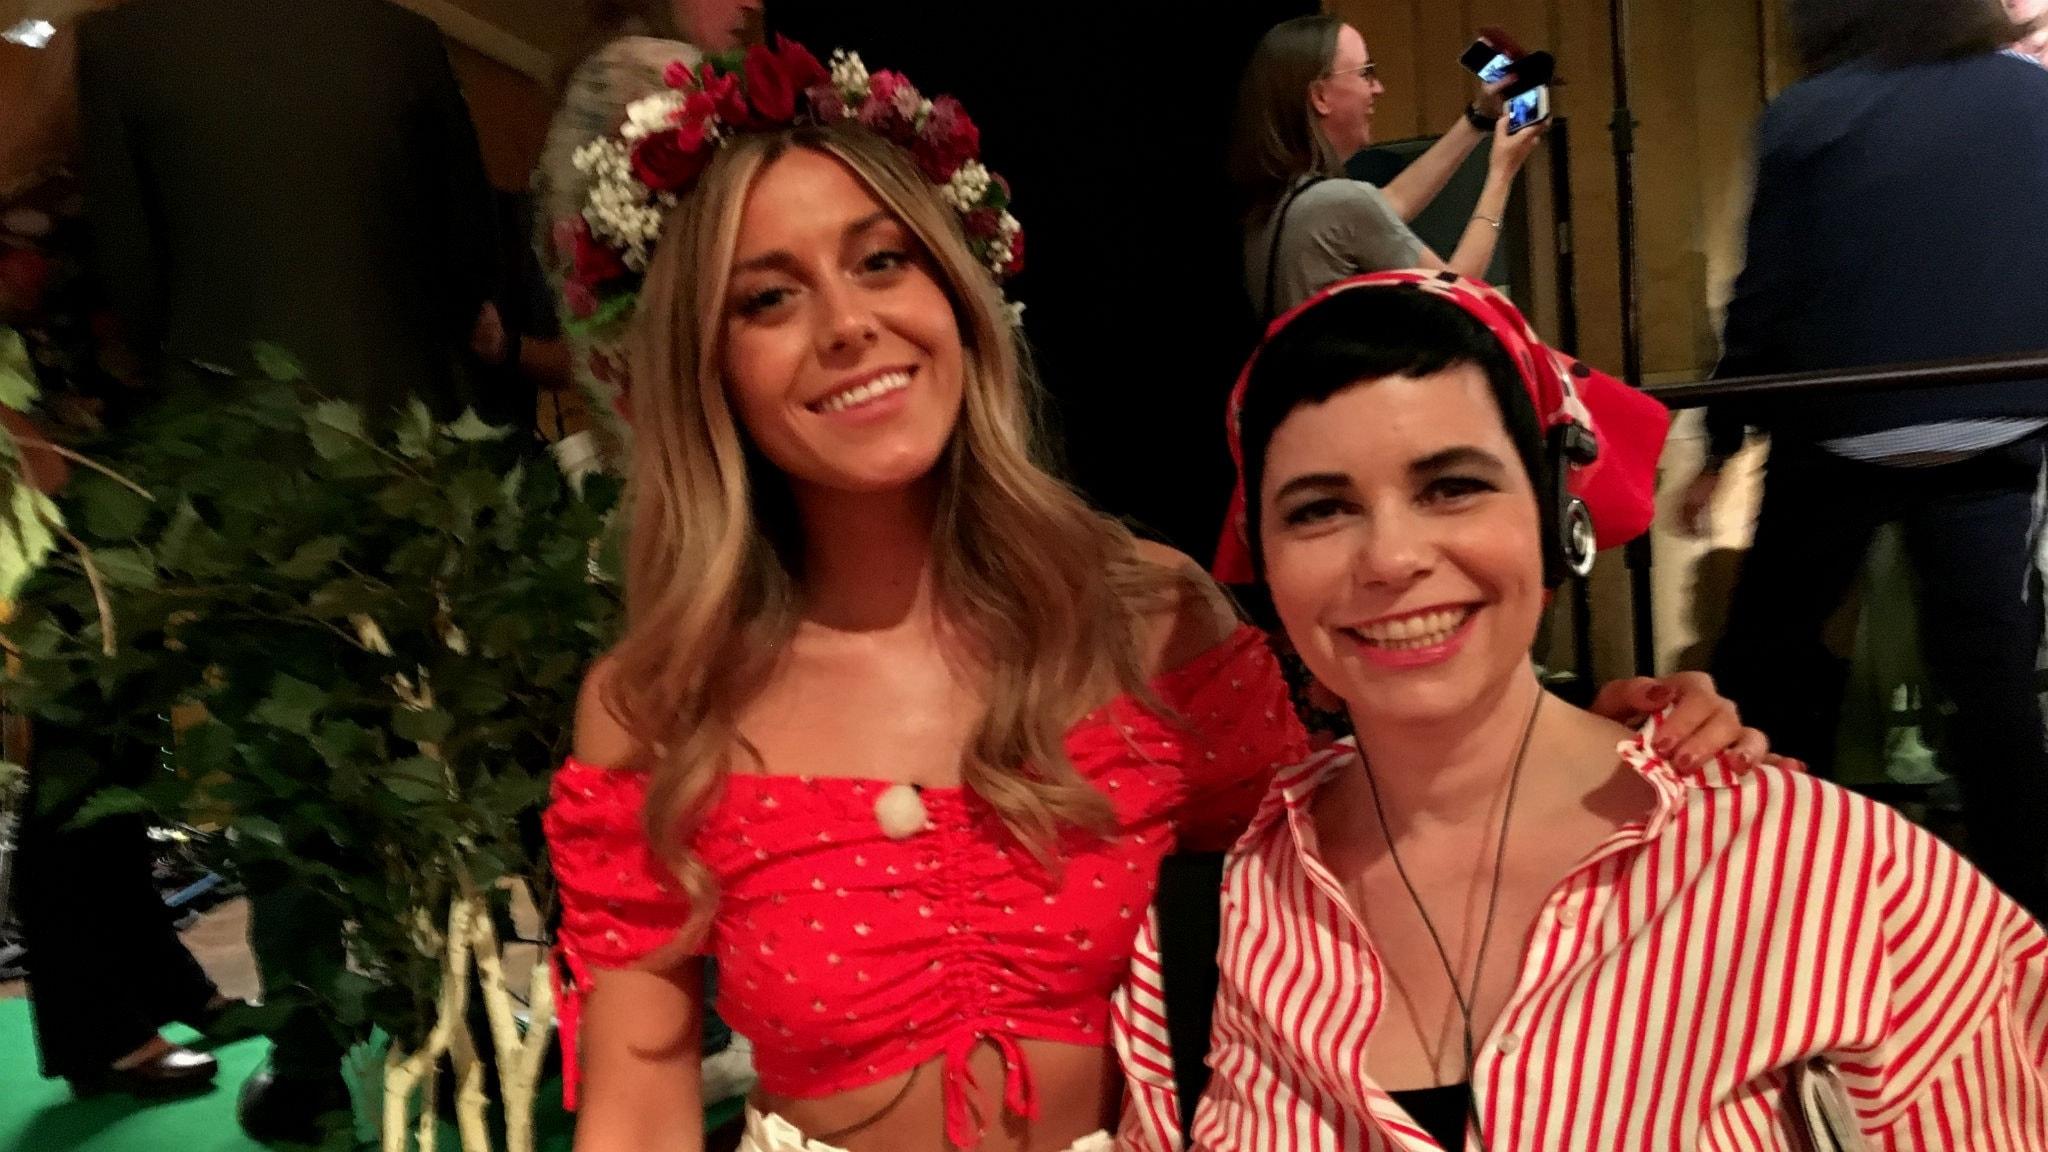 Hör Carolina Norén reda ut begreppet sommarplåga med hjälp av Bianca Ingrosso, Victoria Silvstedt med flera